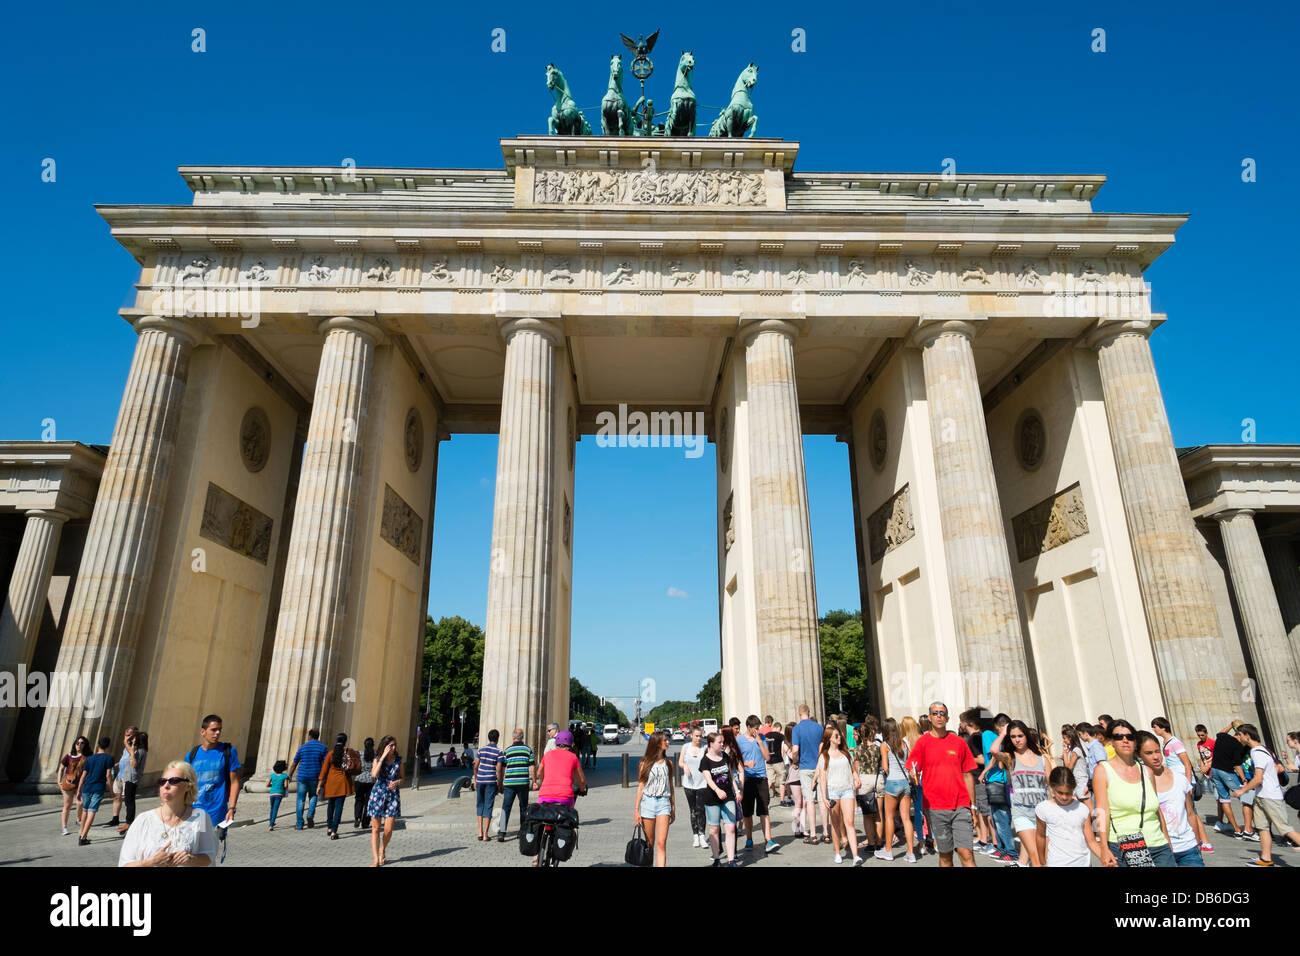 Muchos turistas en la Puerta de Brandenburgo en Berlín, Alemania Imagen De Stock